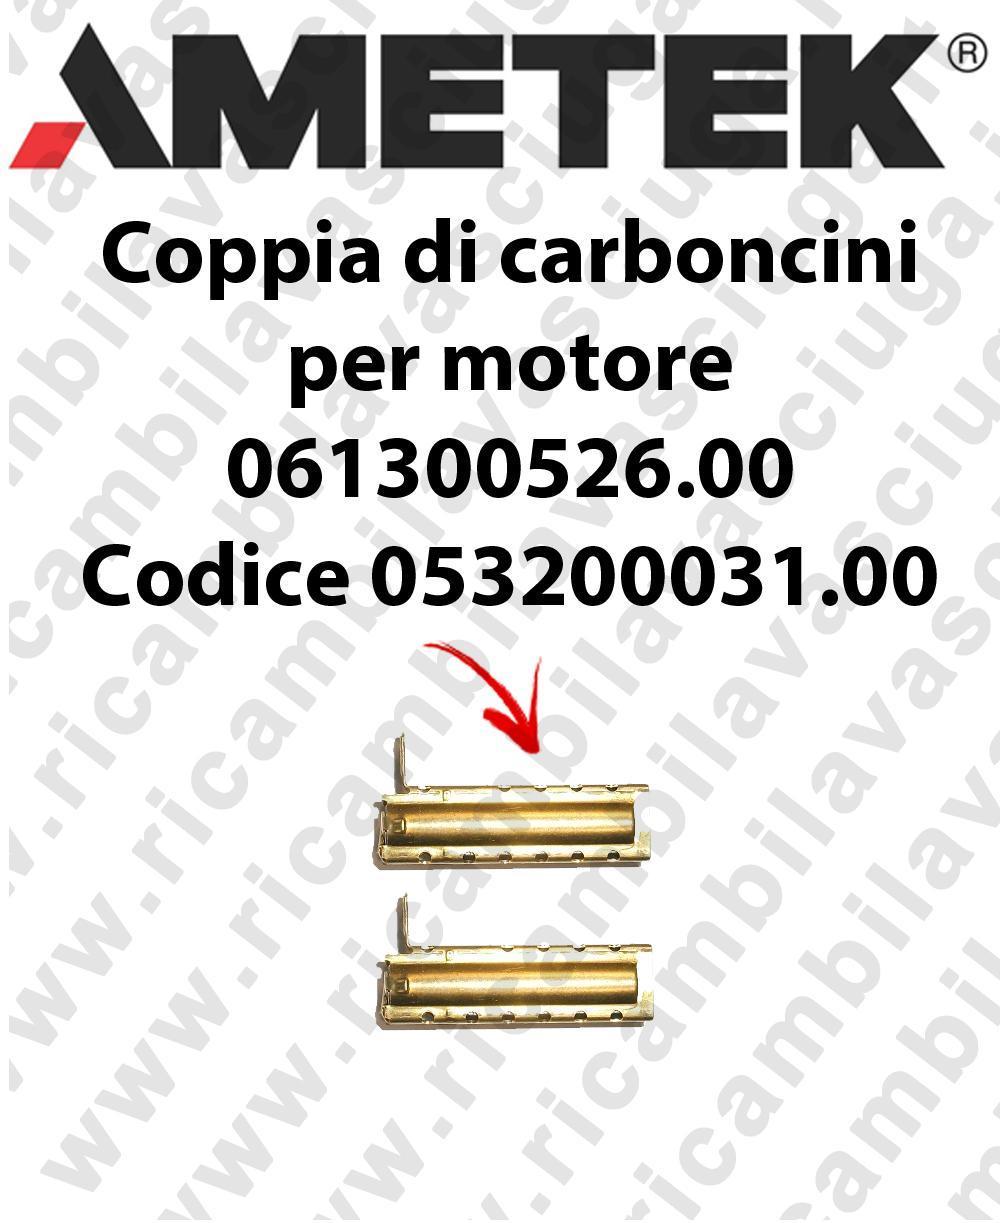 Coupled carbon brush motor for vacuum motor  Ametek 061300526.00 Cod: 053200031.00